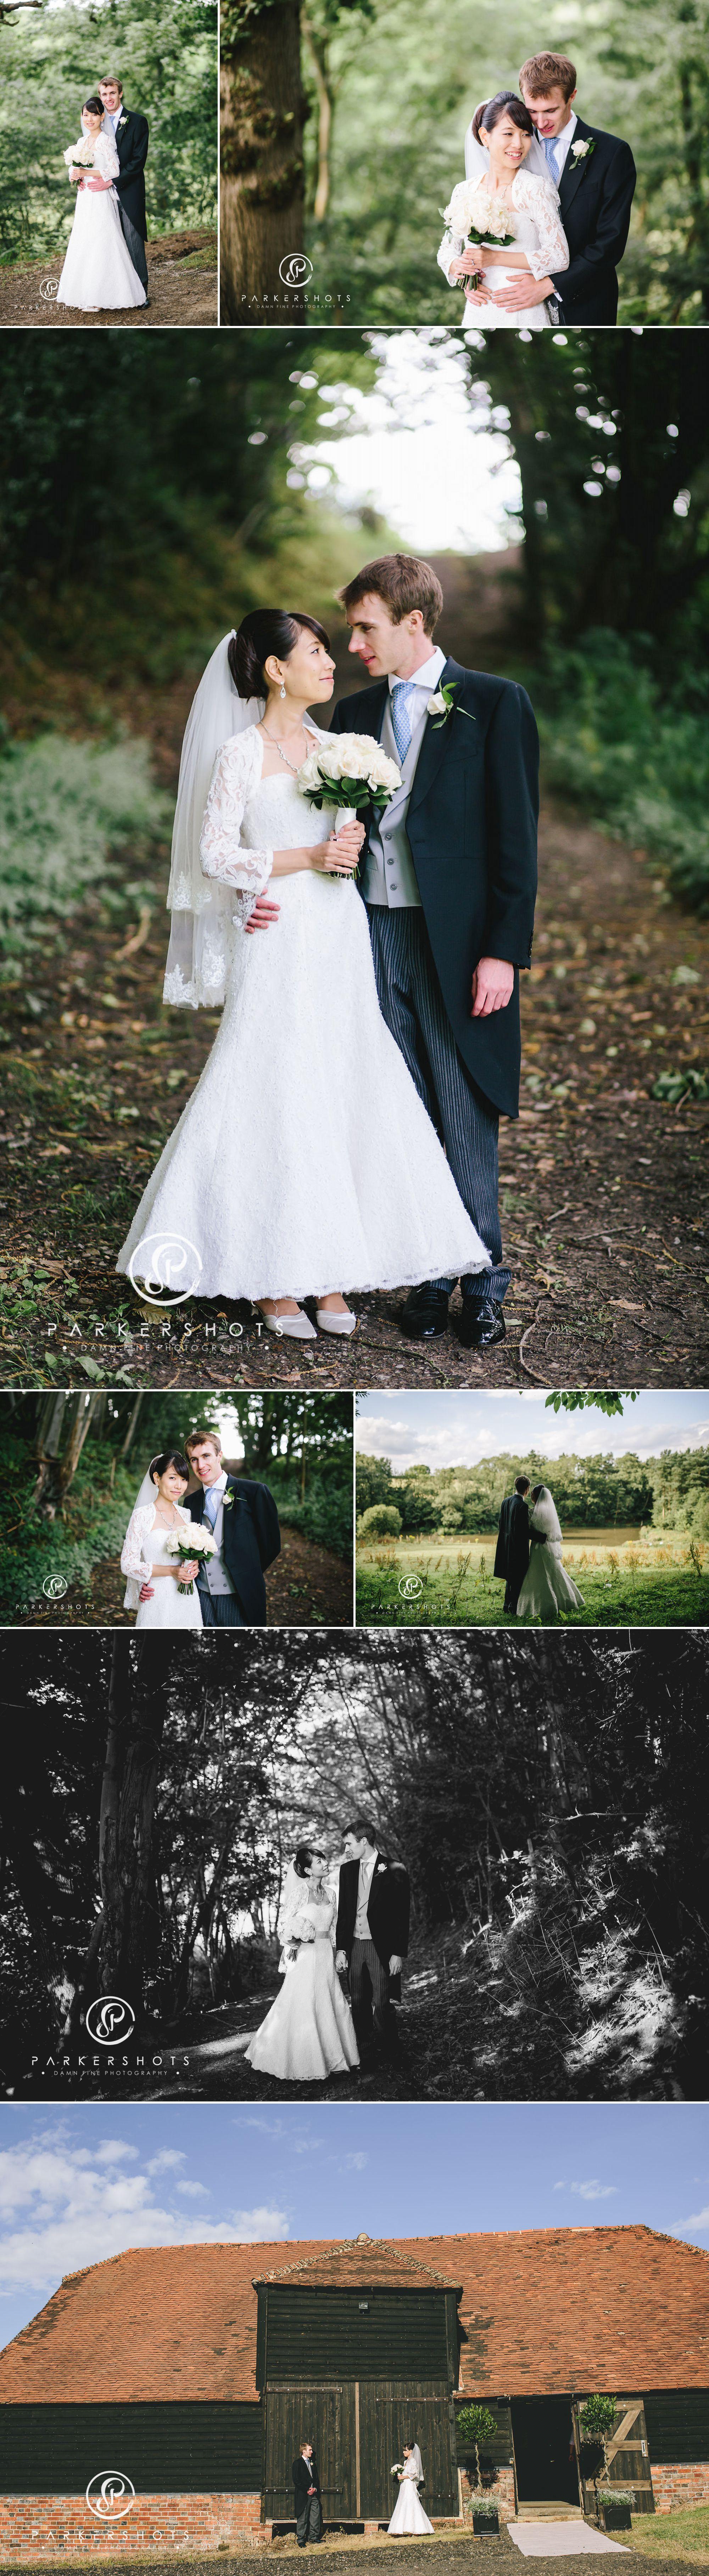 Tunbridge_Wells_Wedding_Photographer 9